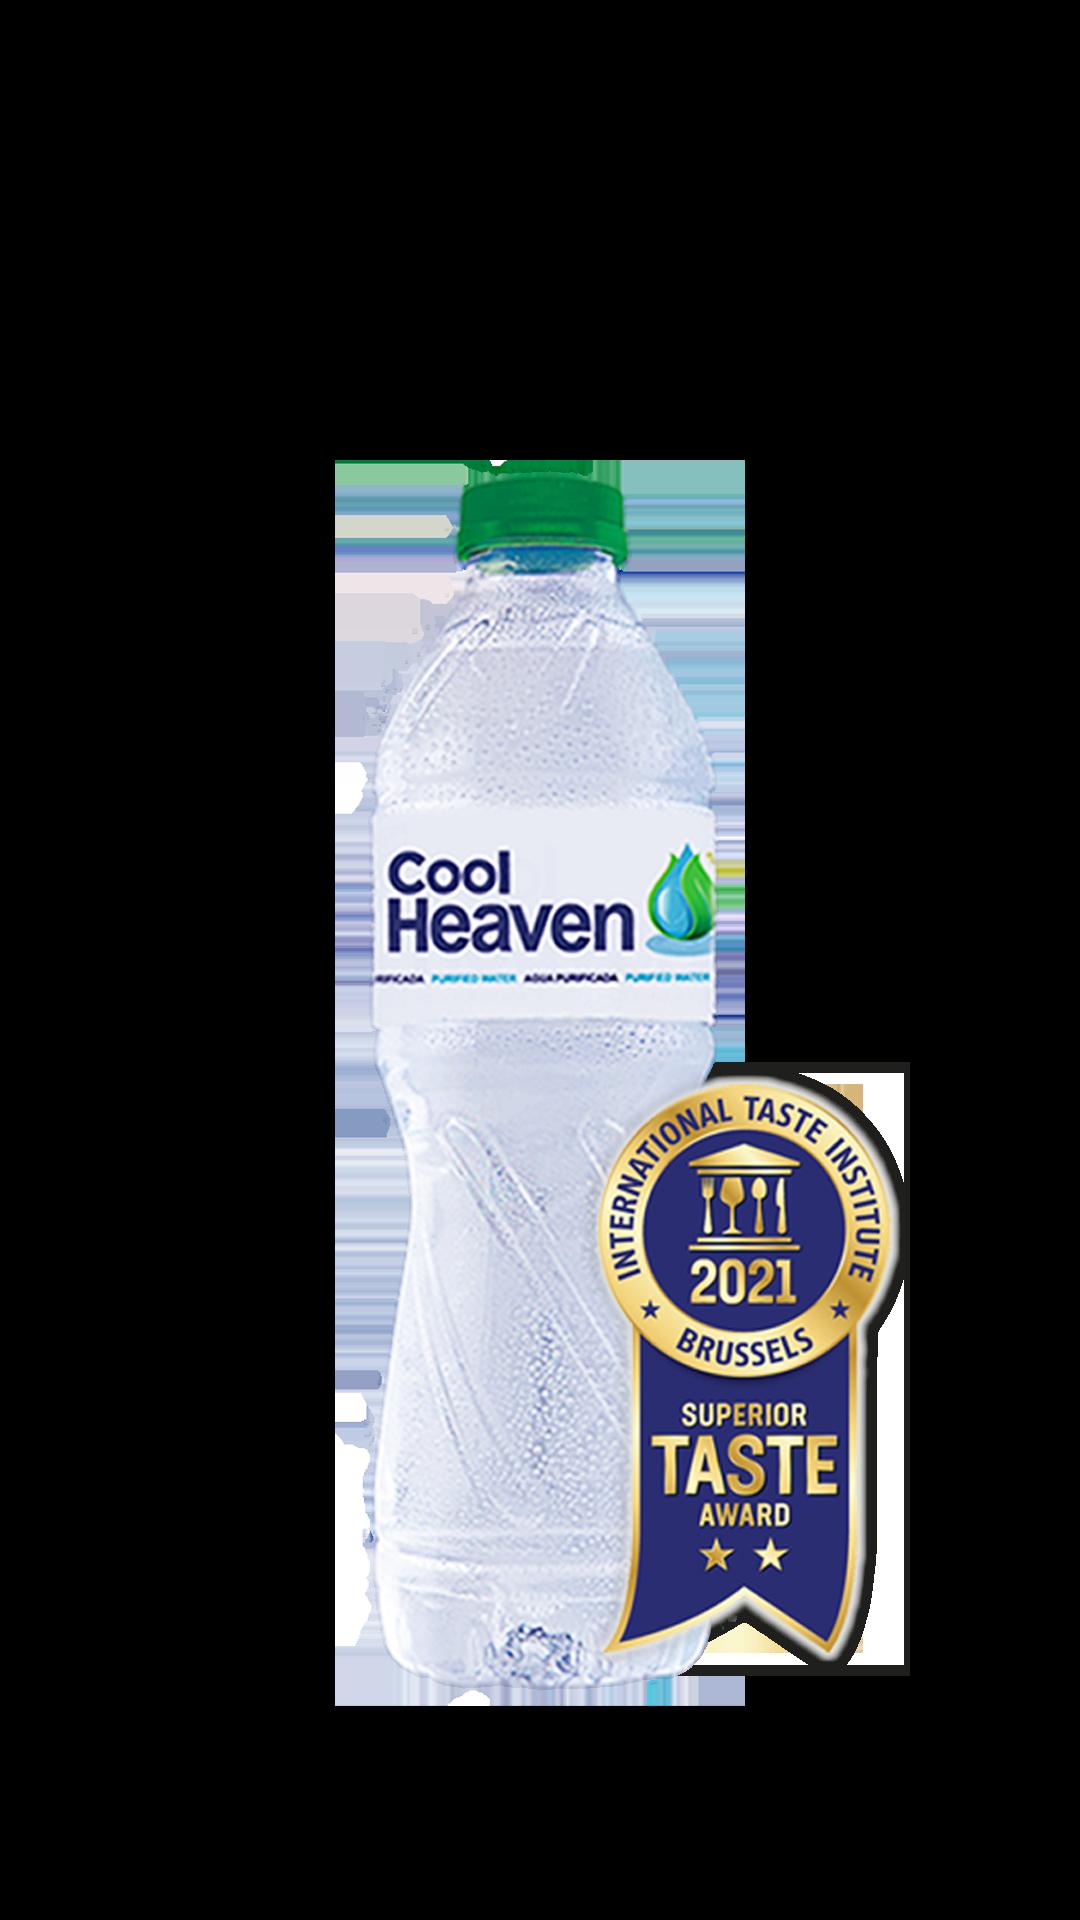 Cool Heaven gana la medalla Superior Taste Award por quinta vez